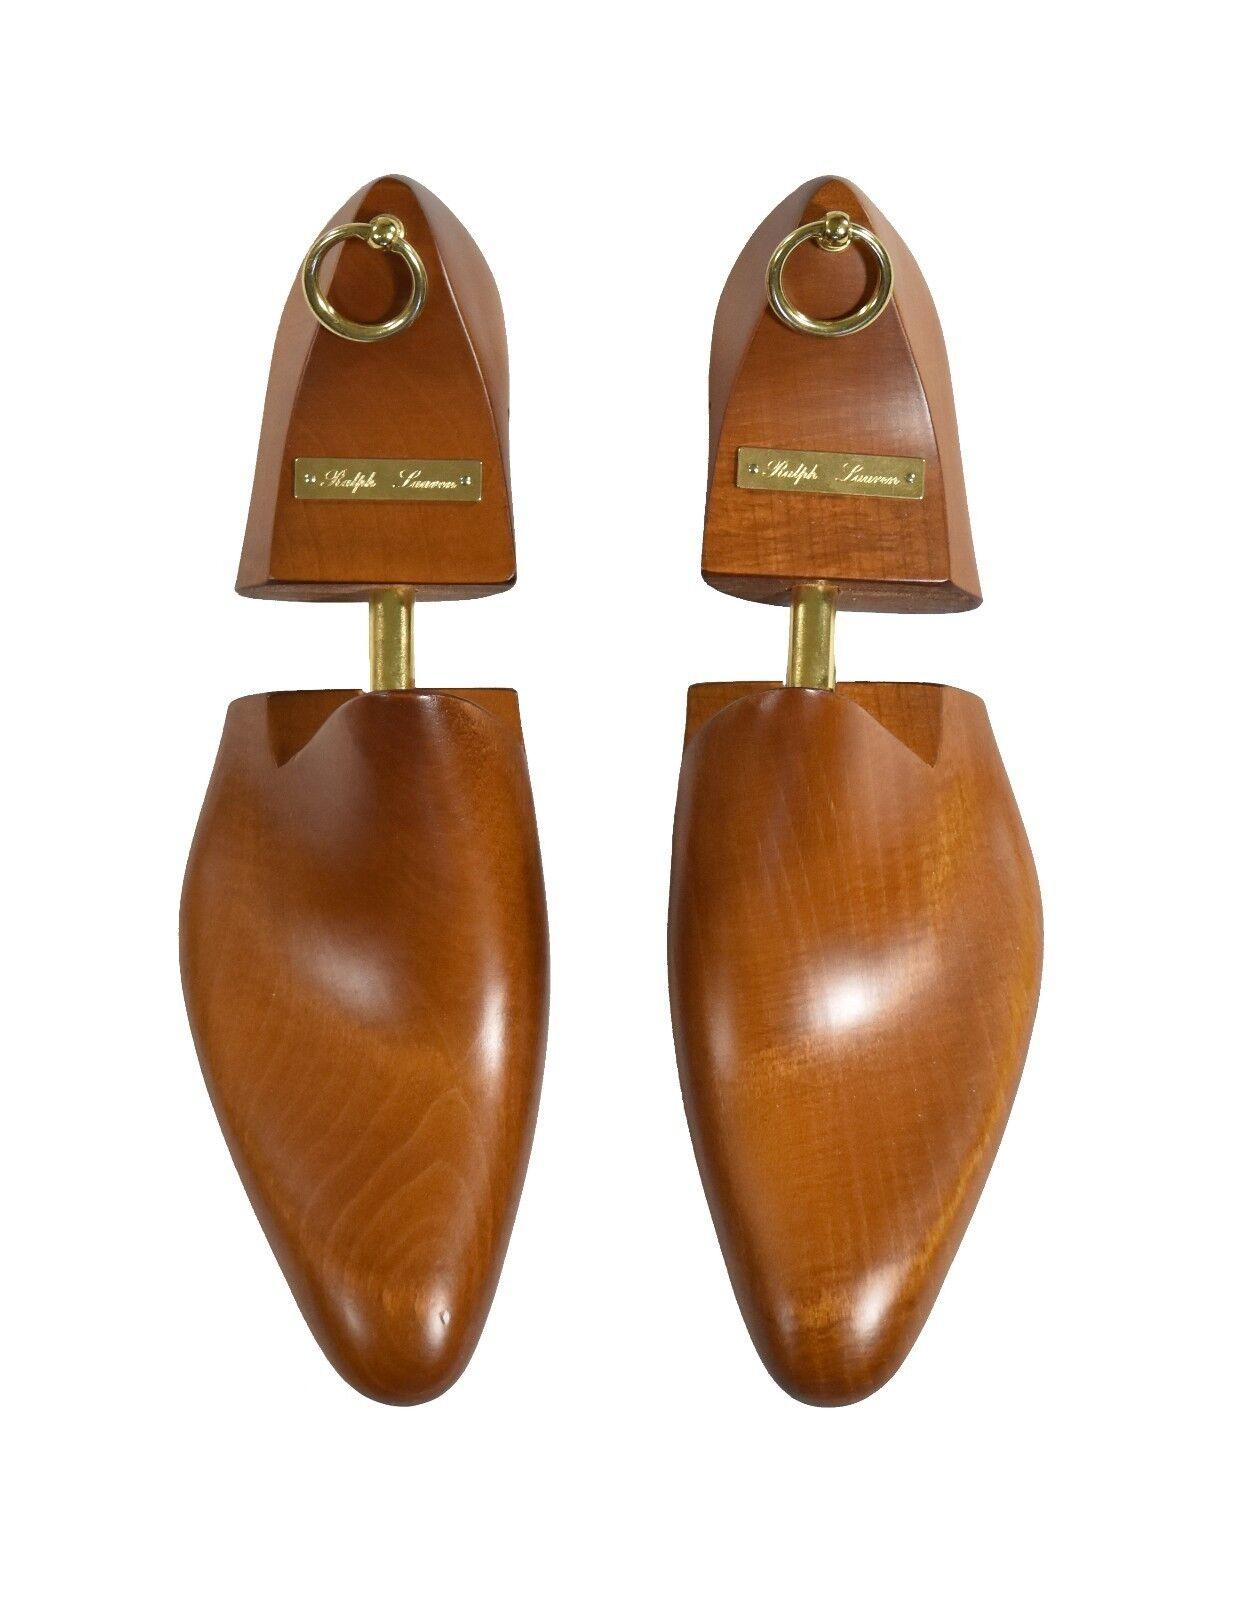 Ralph Lauren Purple Label Wood Shoe Trees New